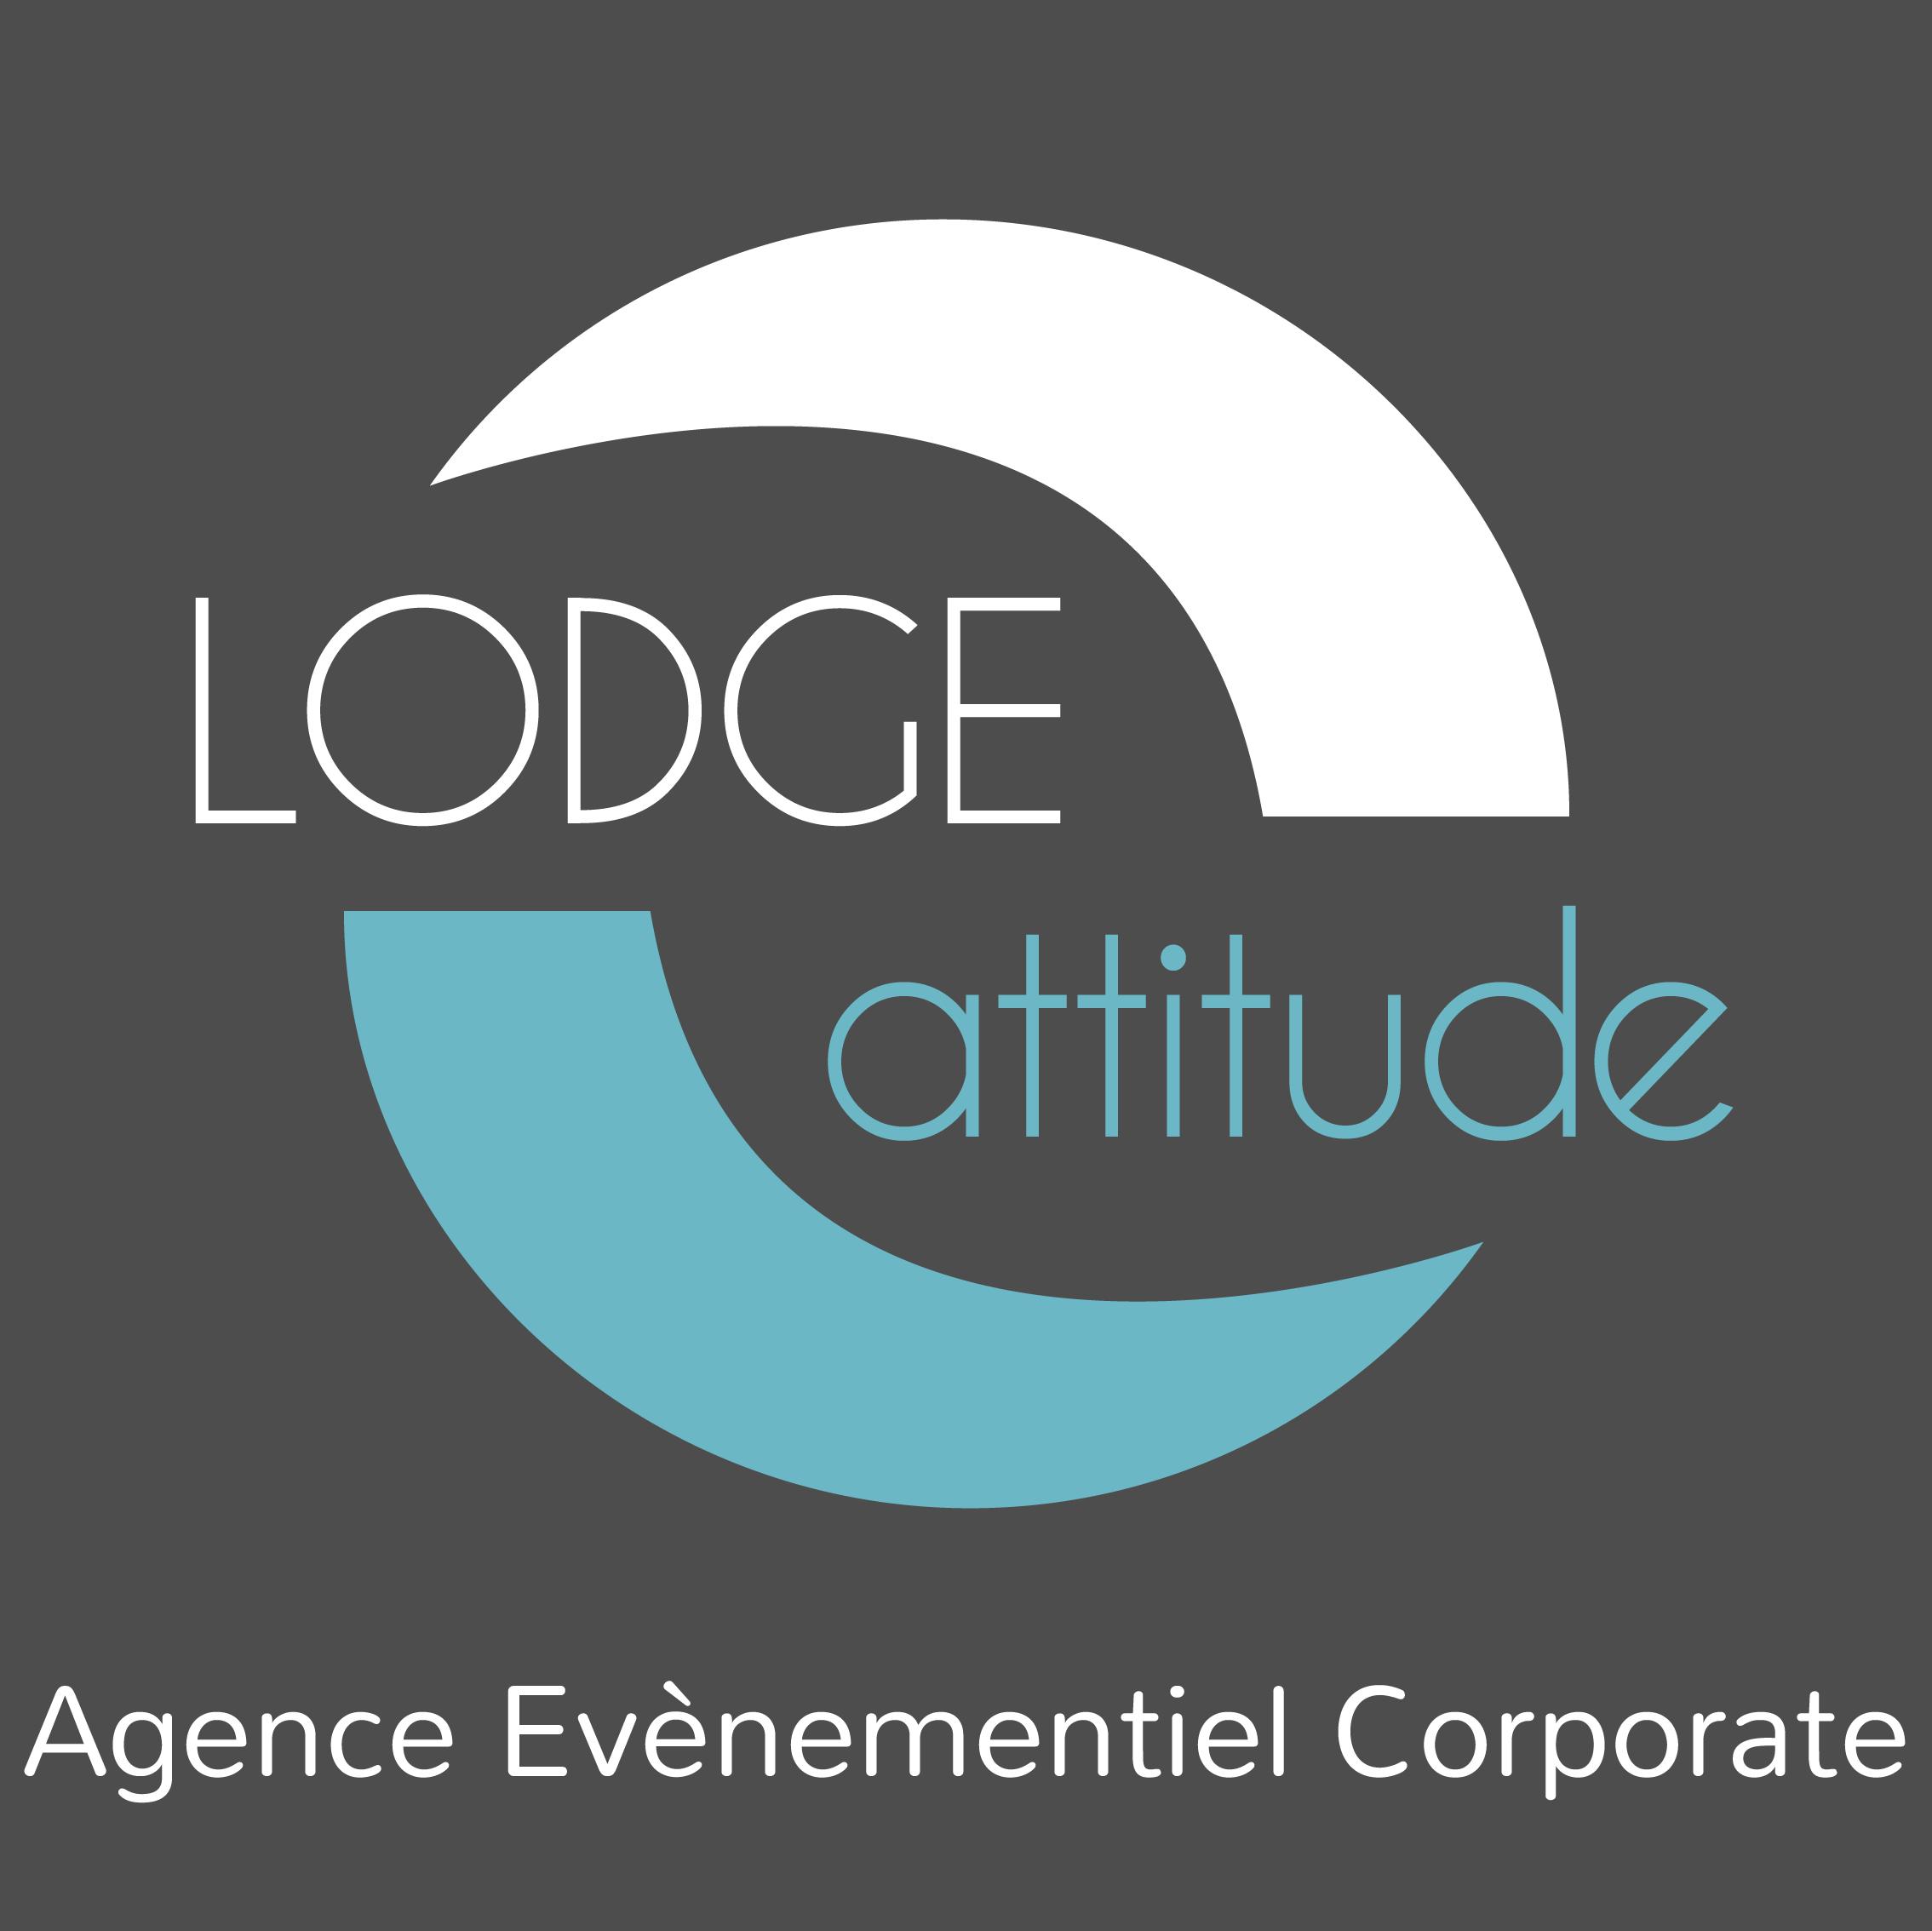 lodge-attitude